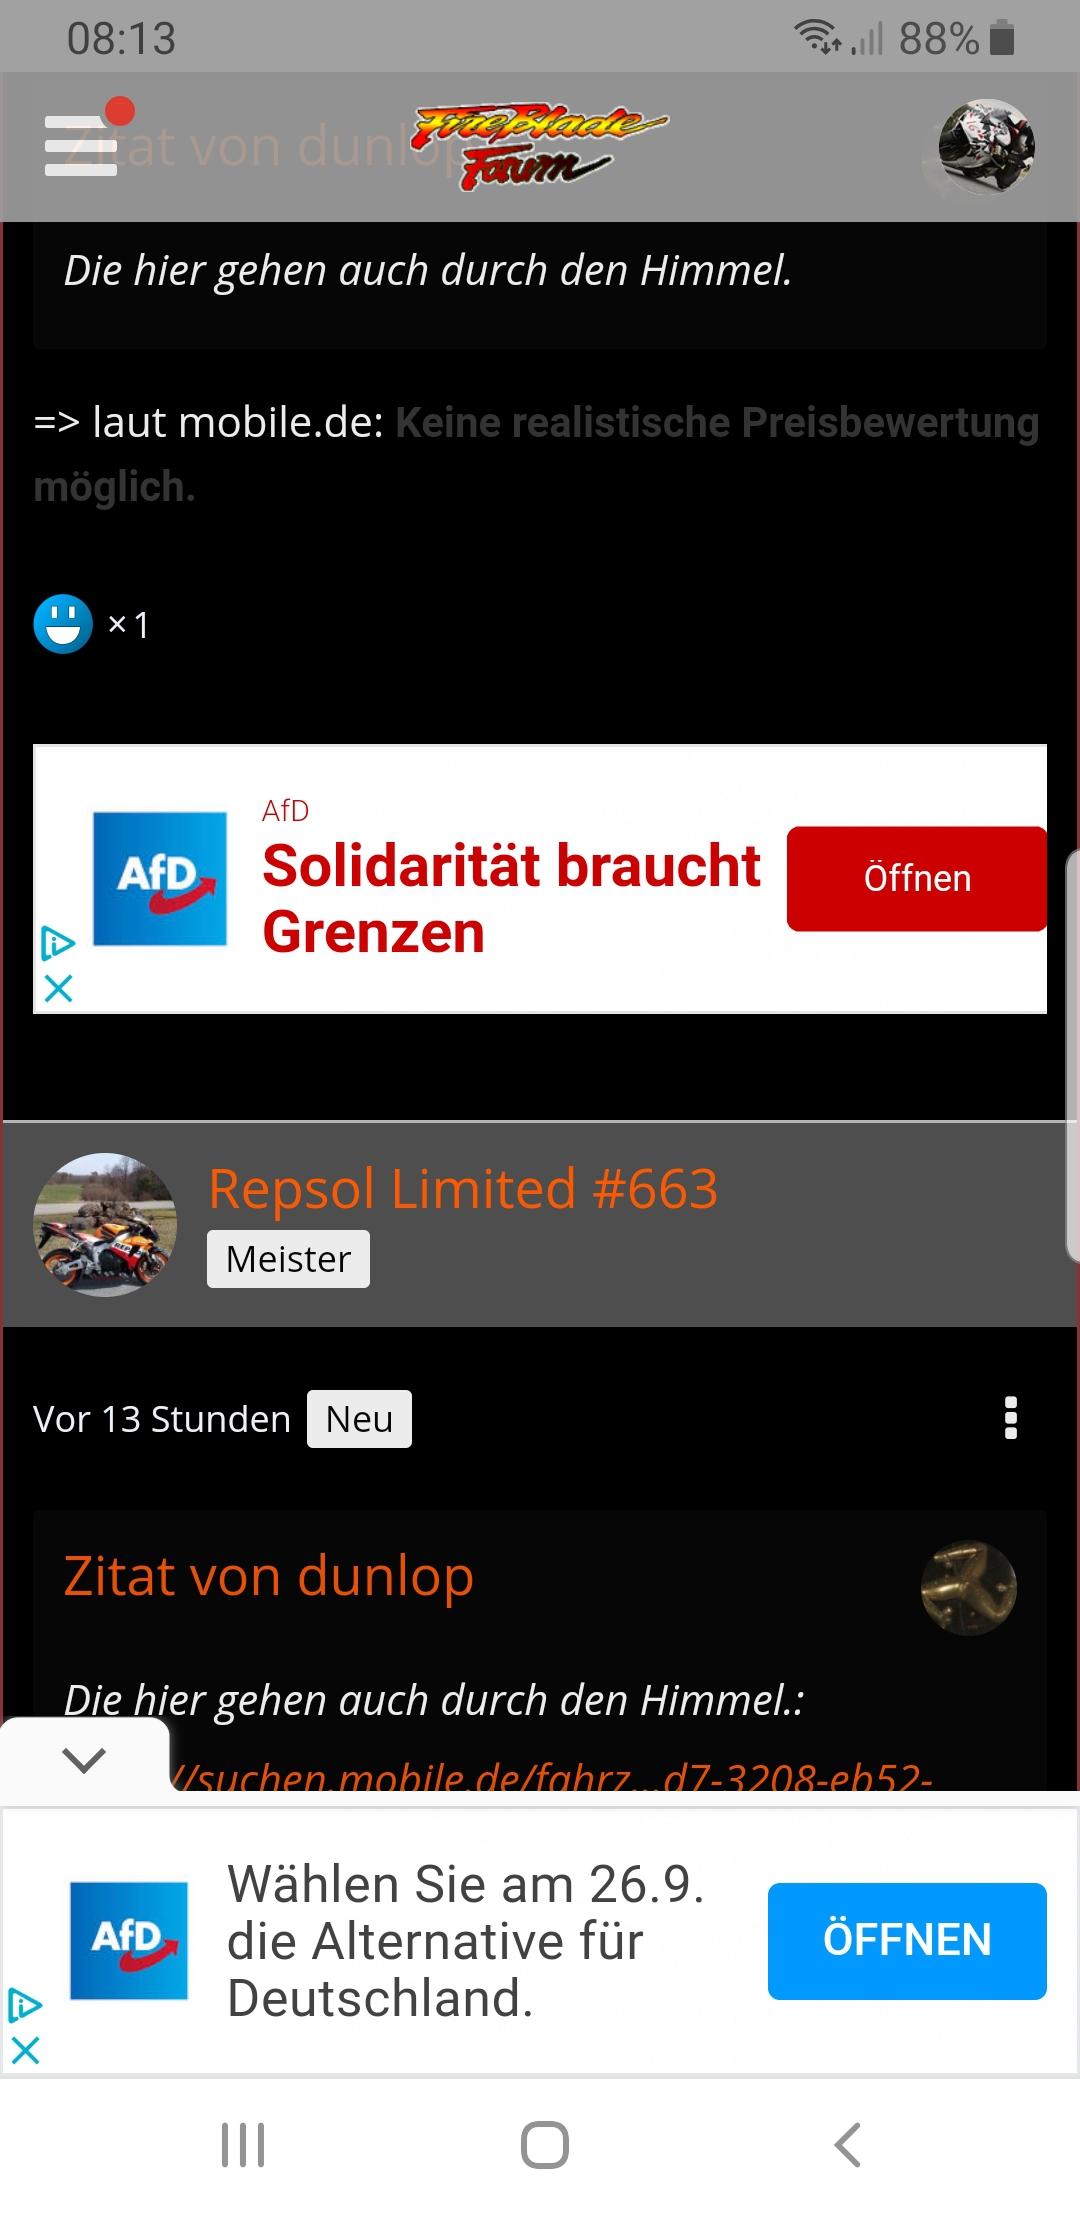 screenshot_20210916-04pj3y.jpg